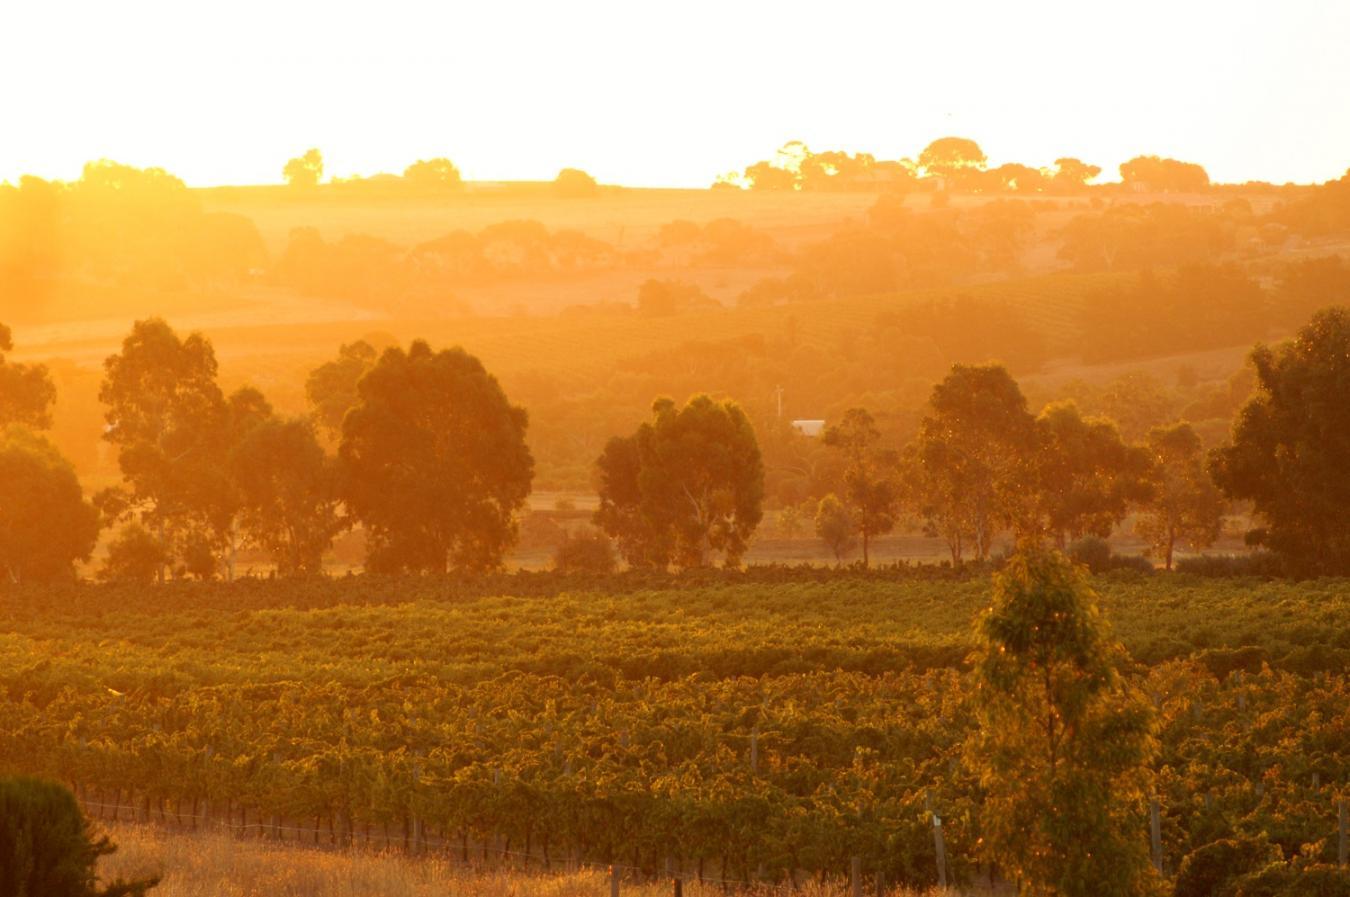 Weinreben im Sonnenuntergang